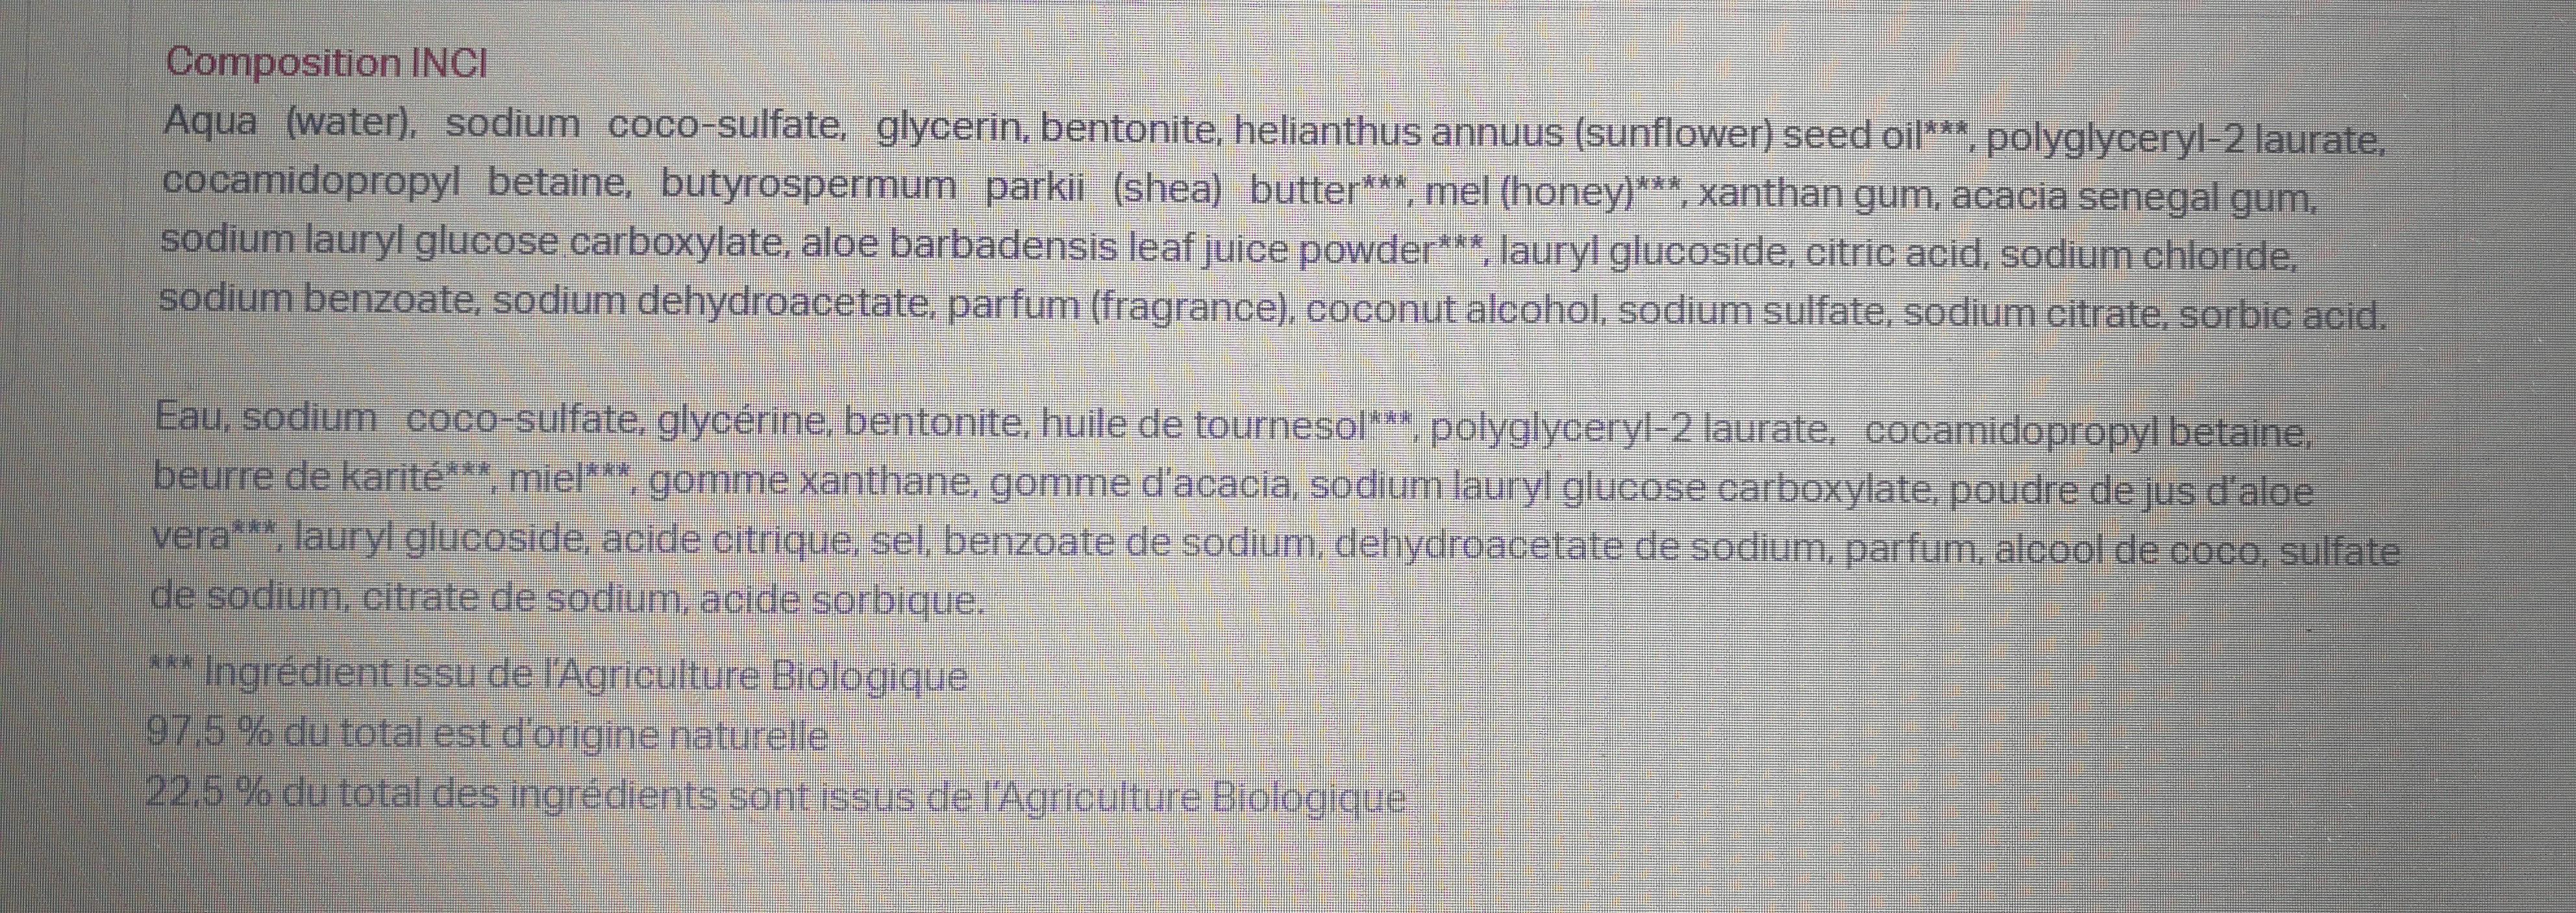 douche hypoallergenique surgras dans savon - Ingredients - fr